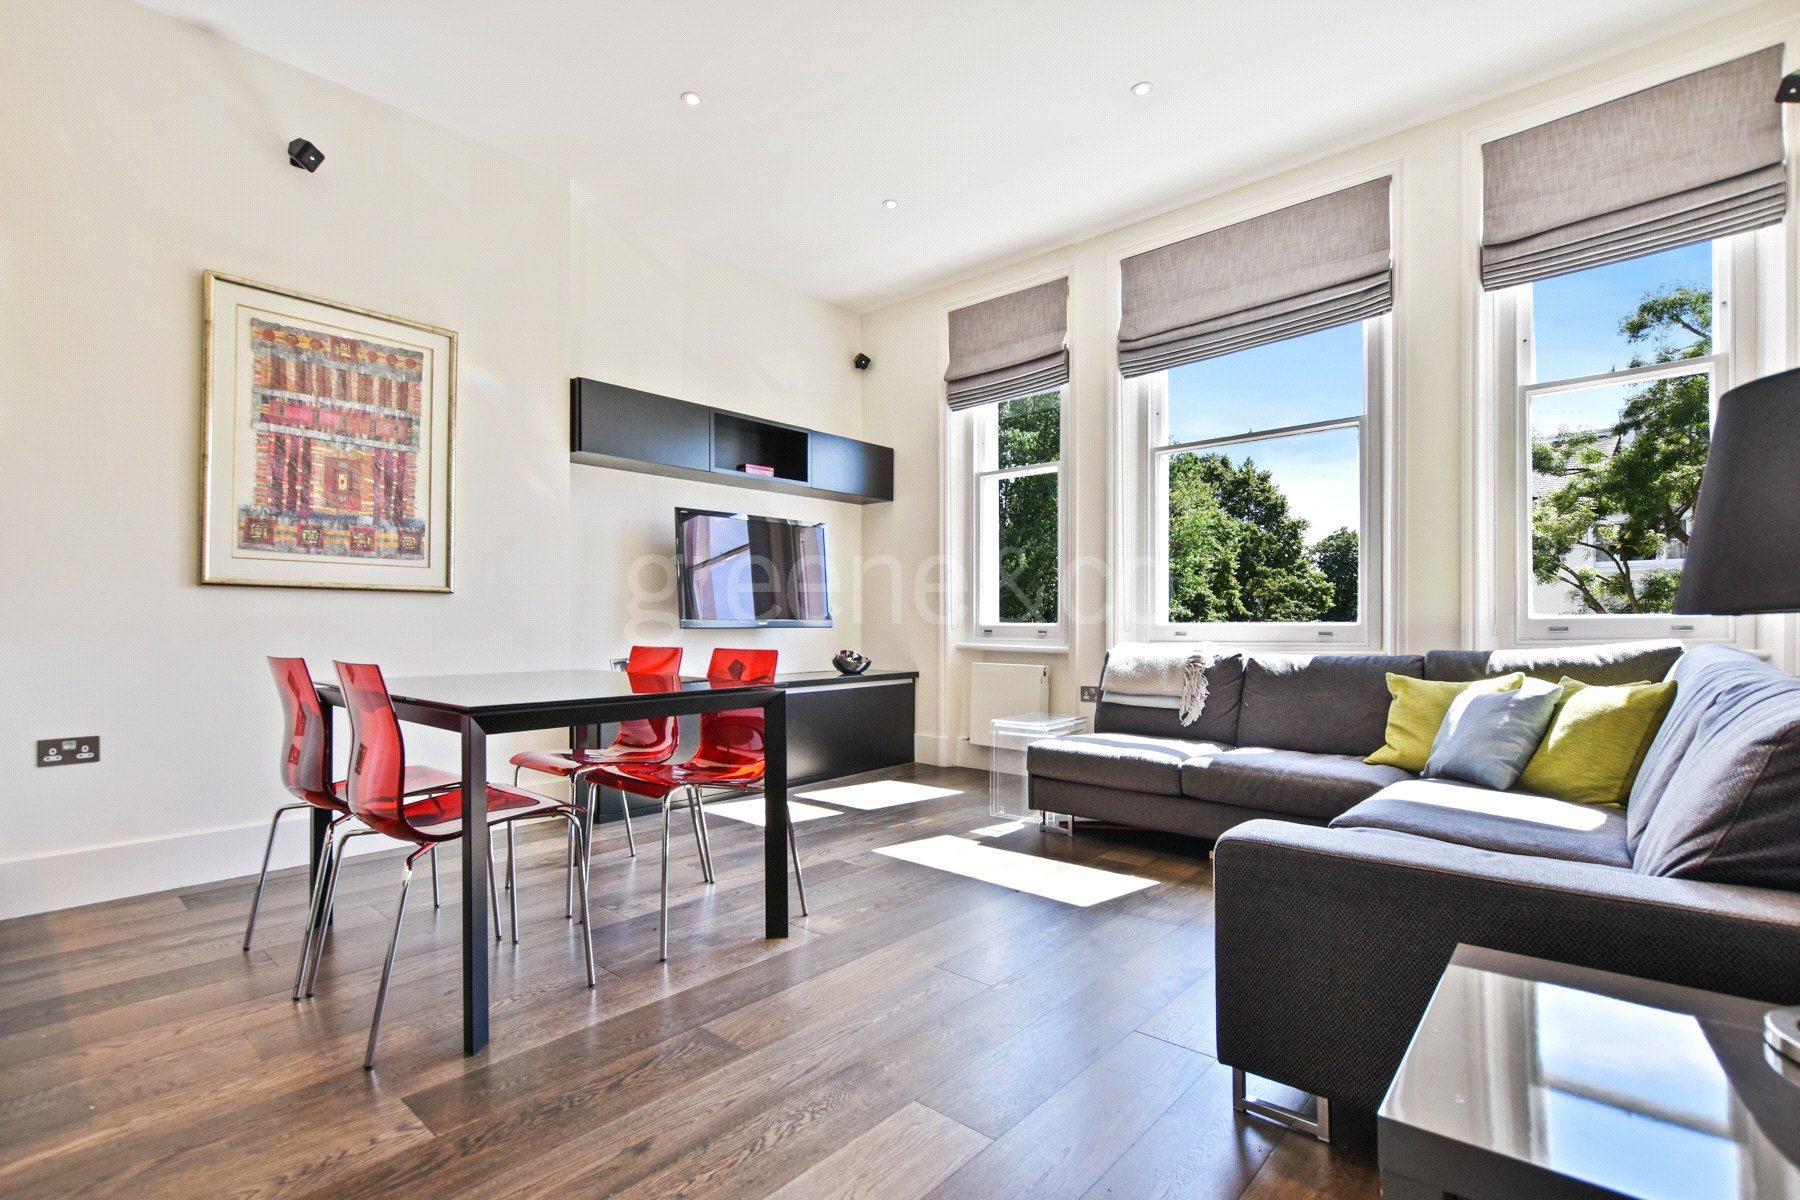 2 Bedrooms Flat for sale in Belsize Park, Belsize Park, London, NW3